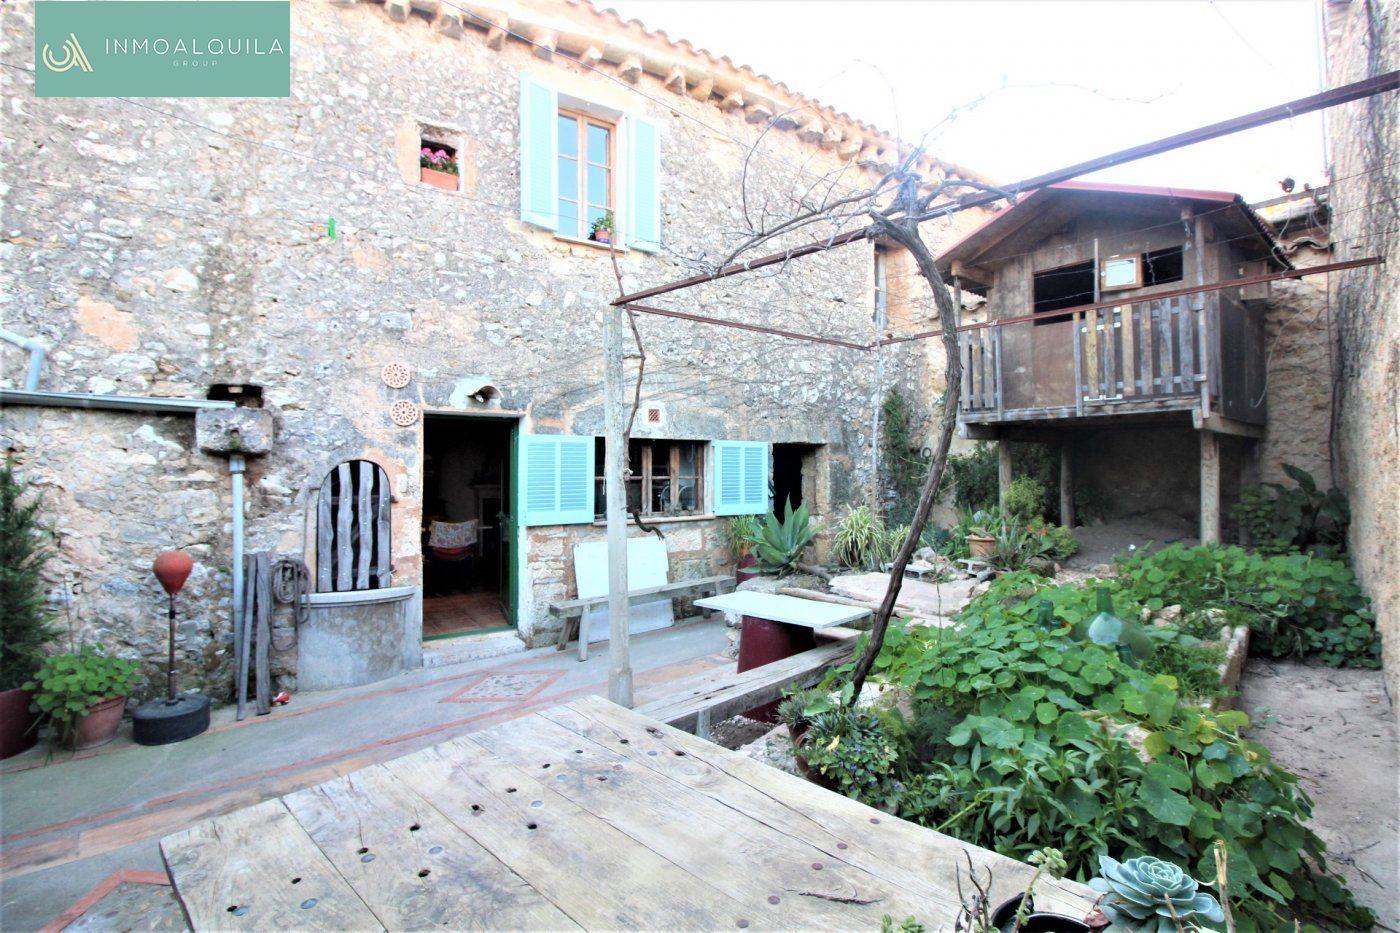 Maison  Costitx ,costitx. Casa de pueblo costitx. 242 m2 constr.4 hab. jardín 70 m2. 250.0